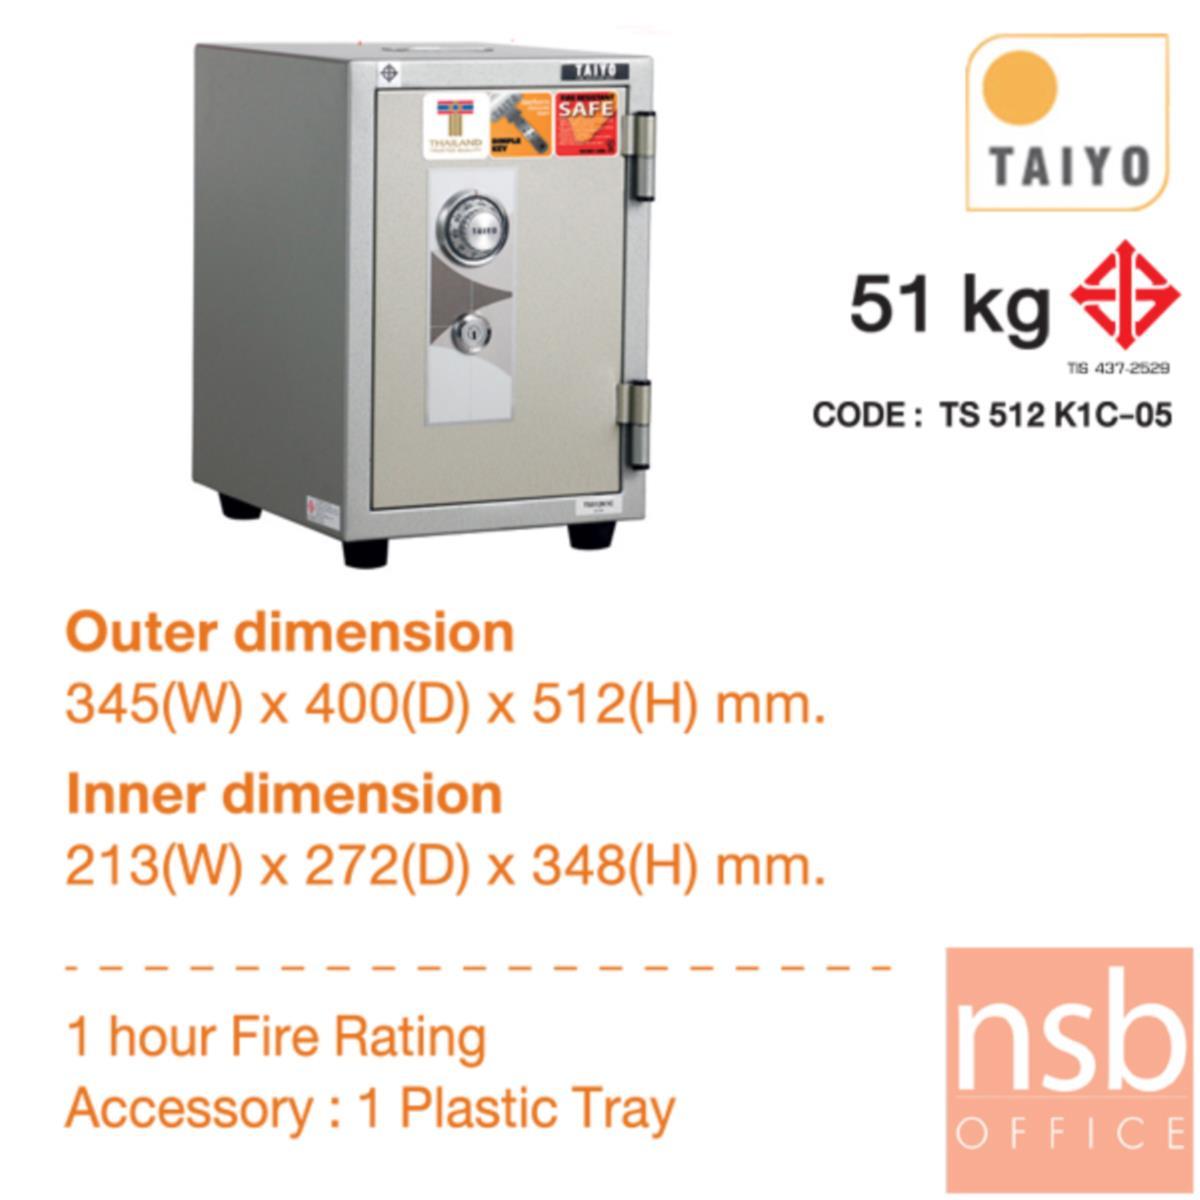 ตู้เซฟ TAIYO 51 กก. 1 กุญแจ 1 รหัส   (TS 512 K1C มอก.)